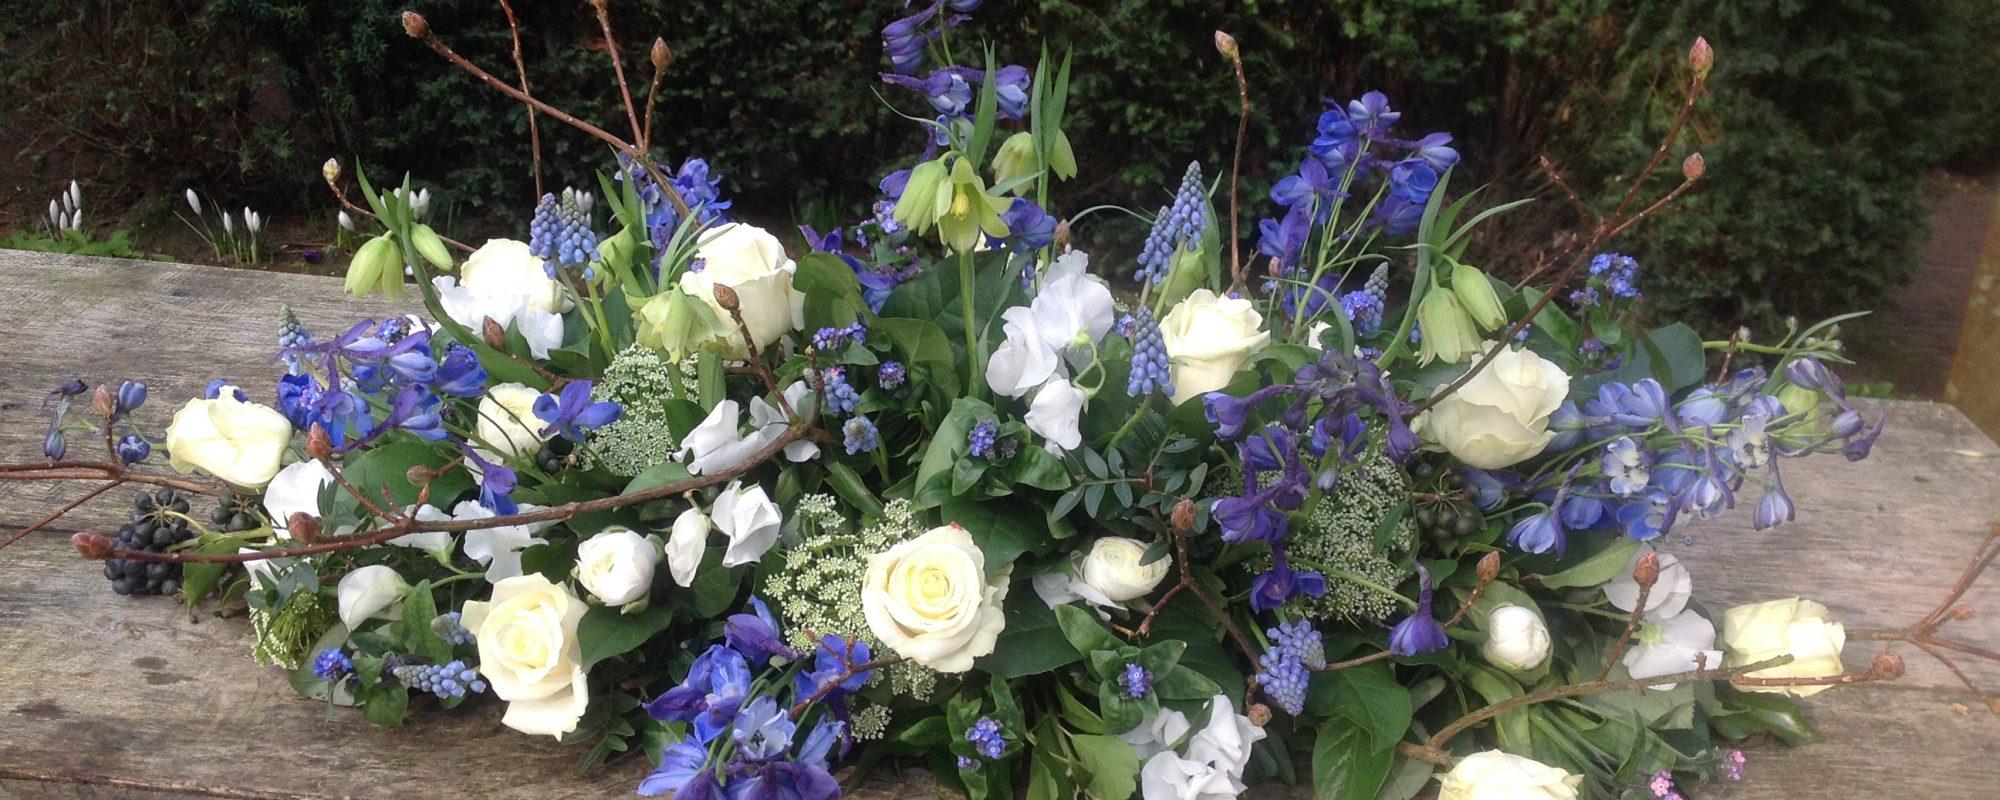 Rouwbloemstuk blauwwit voorjaar